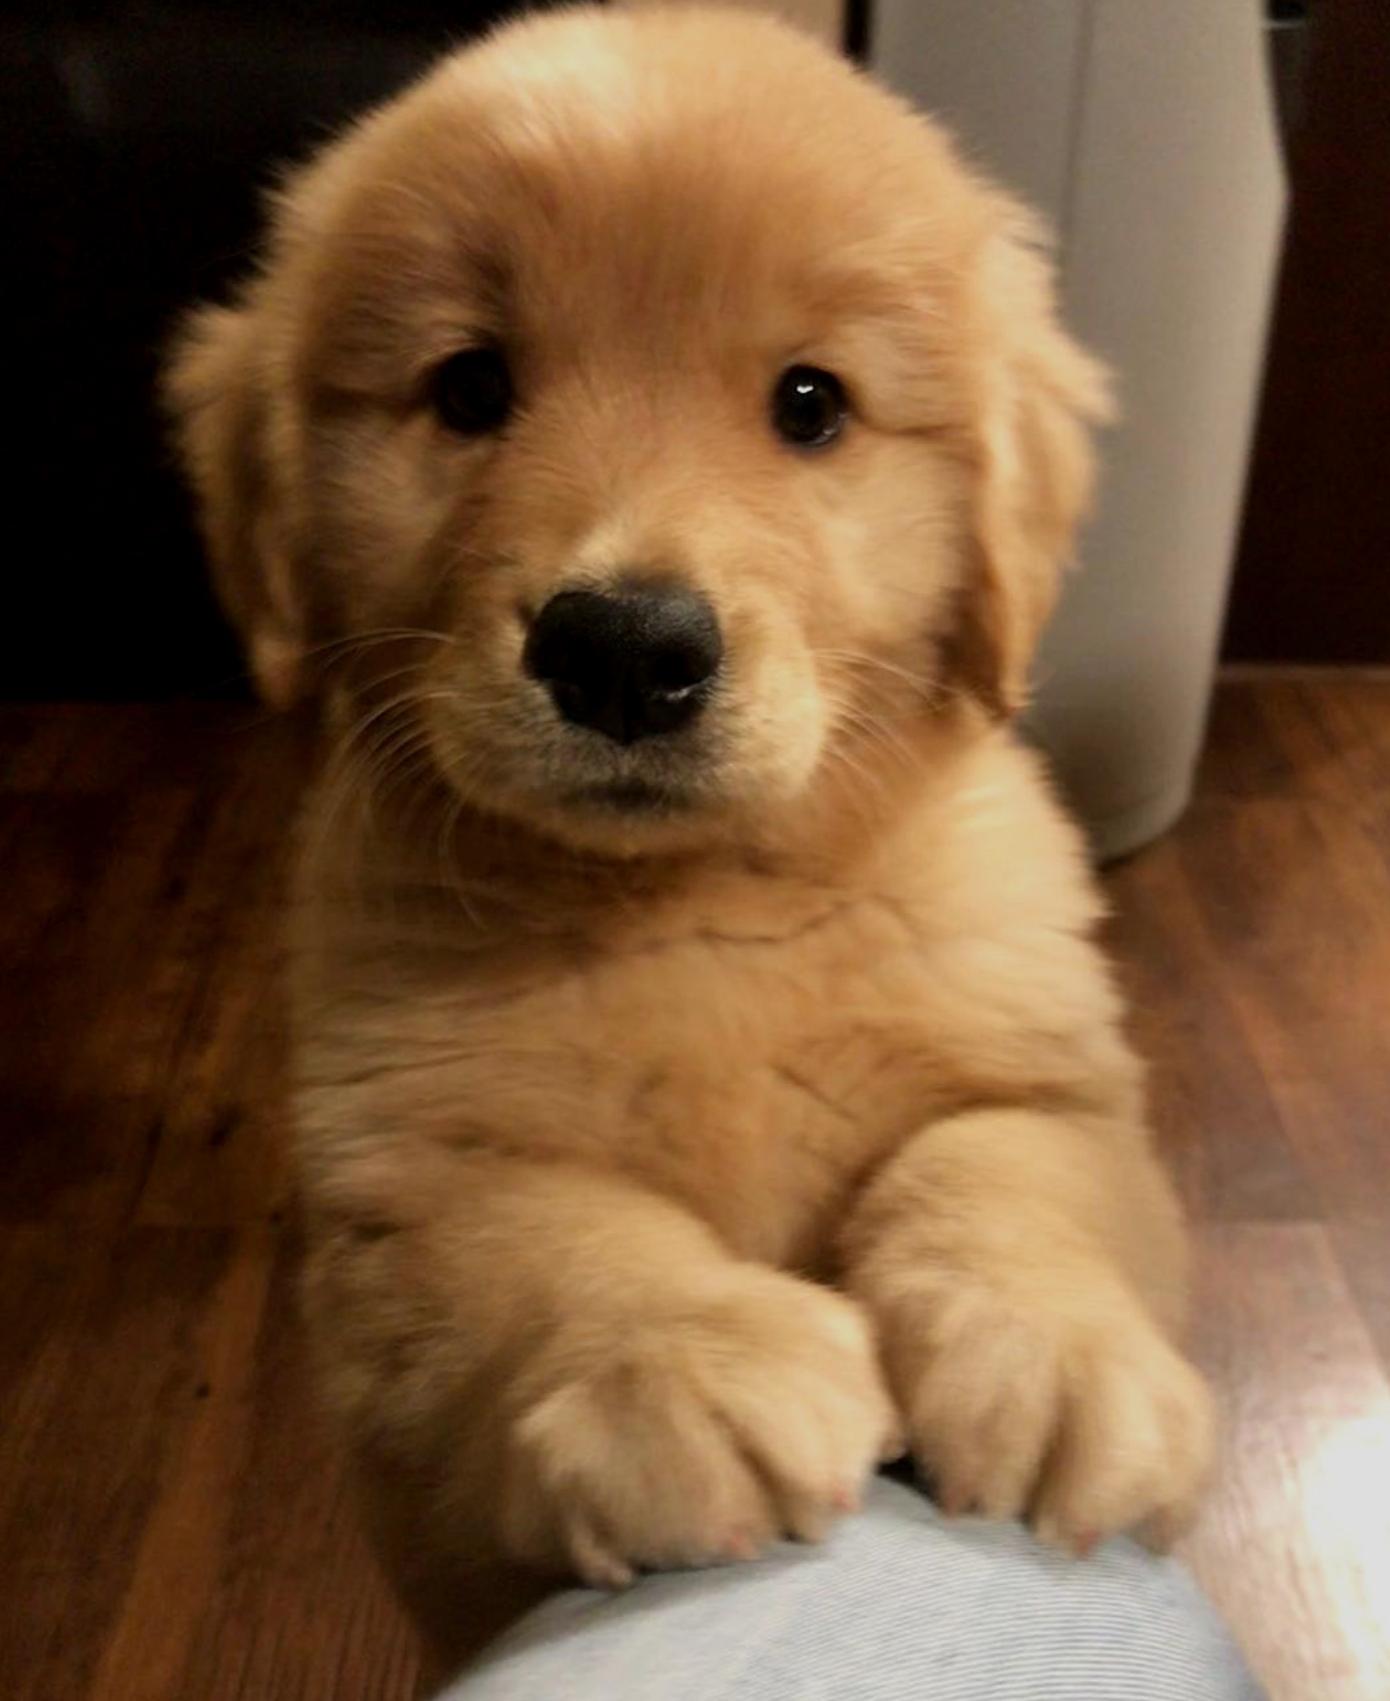 This puppo